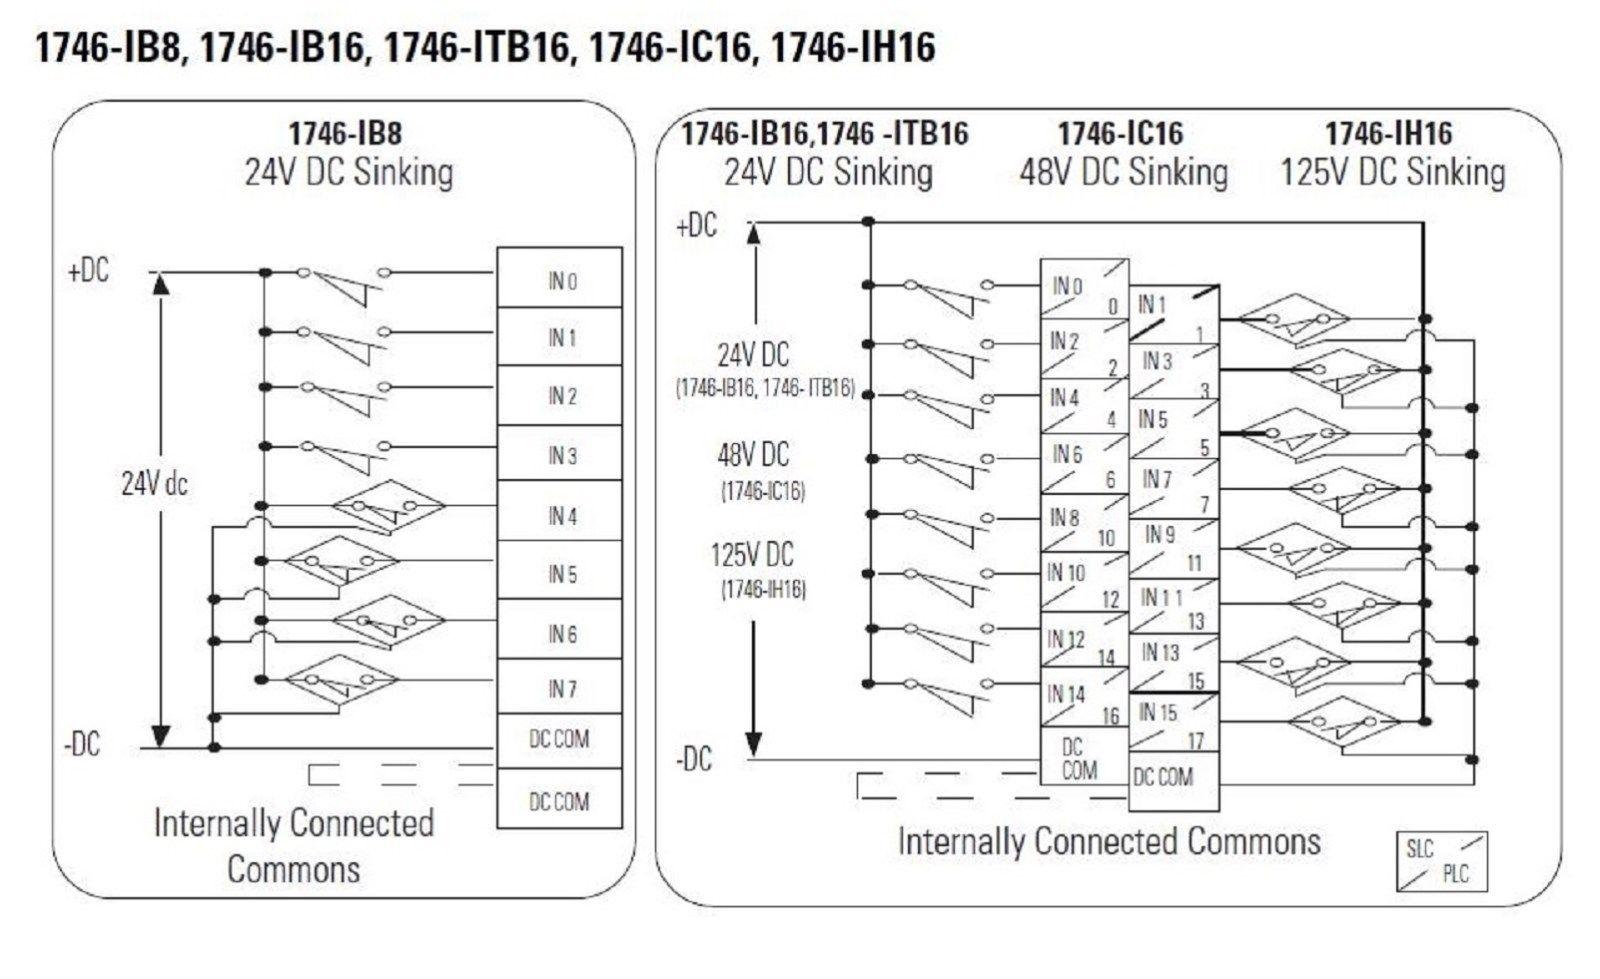 1746 Ib16 Wiring Diagram | Free Wiring Diagram